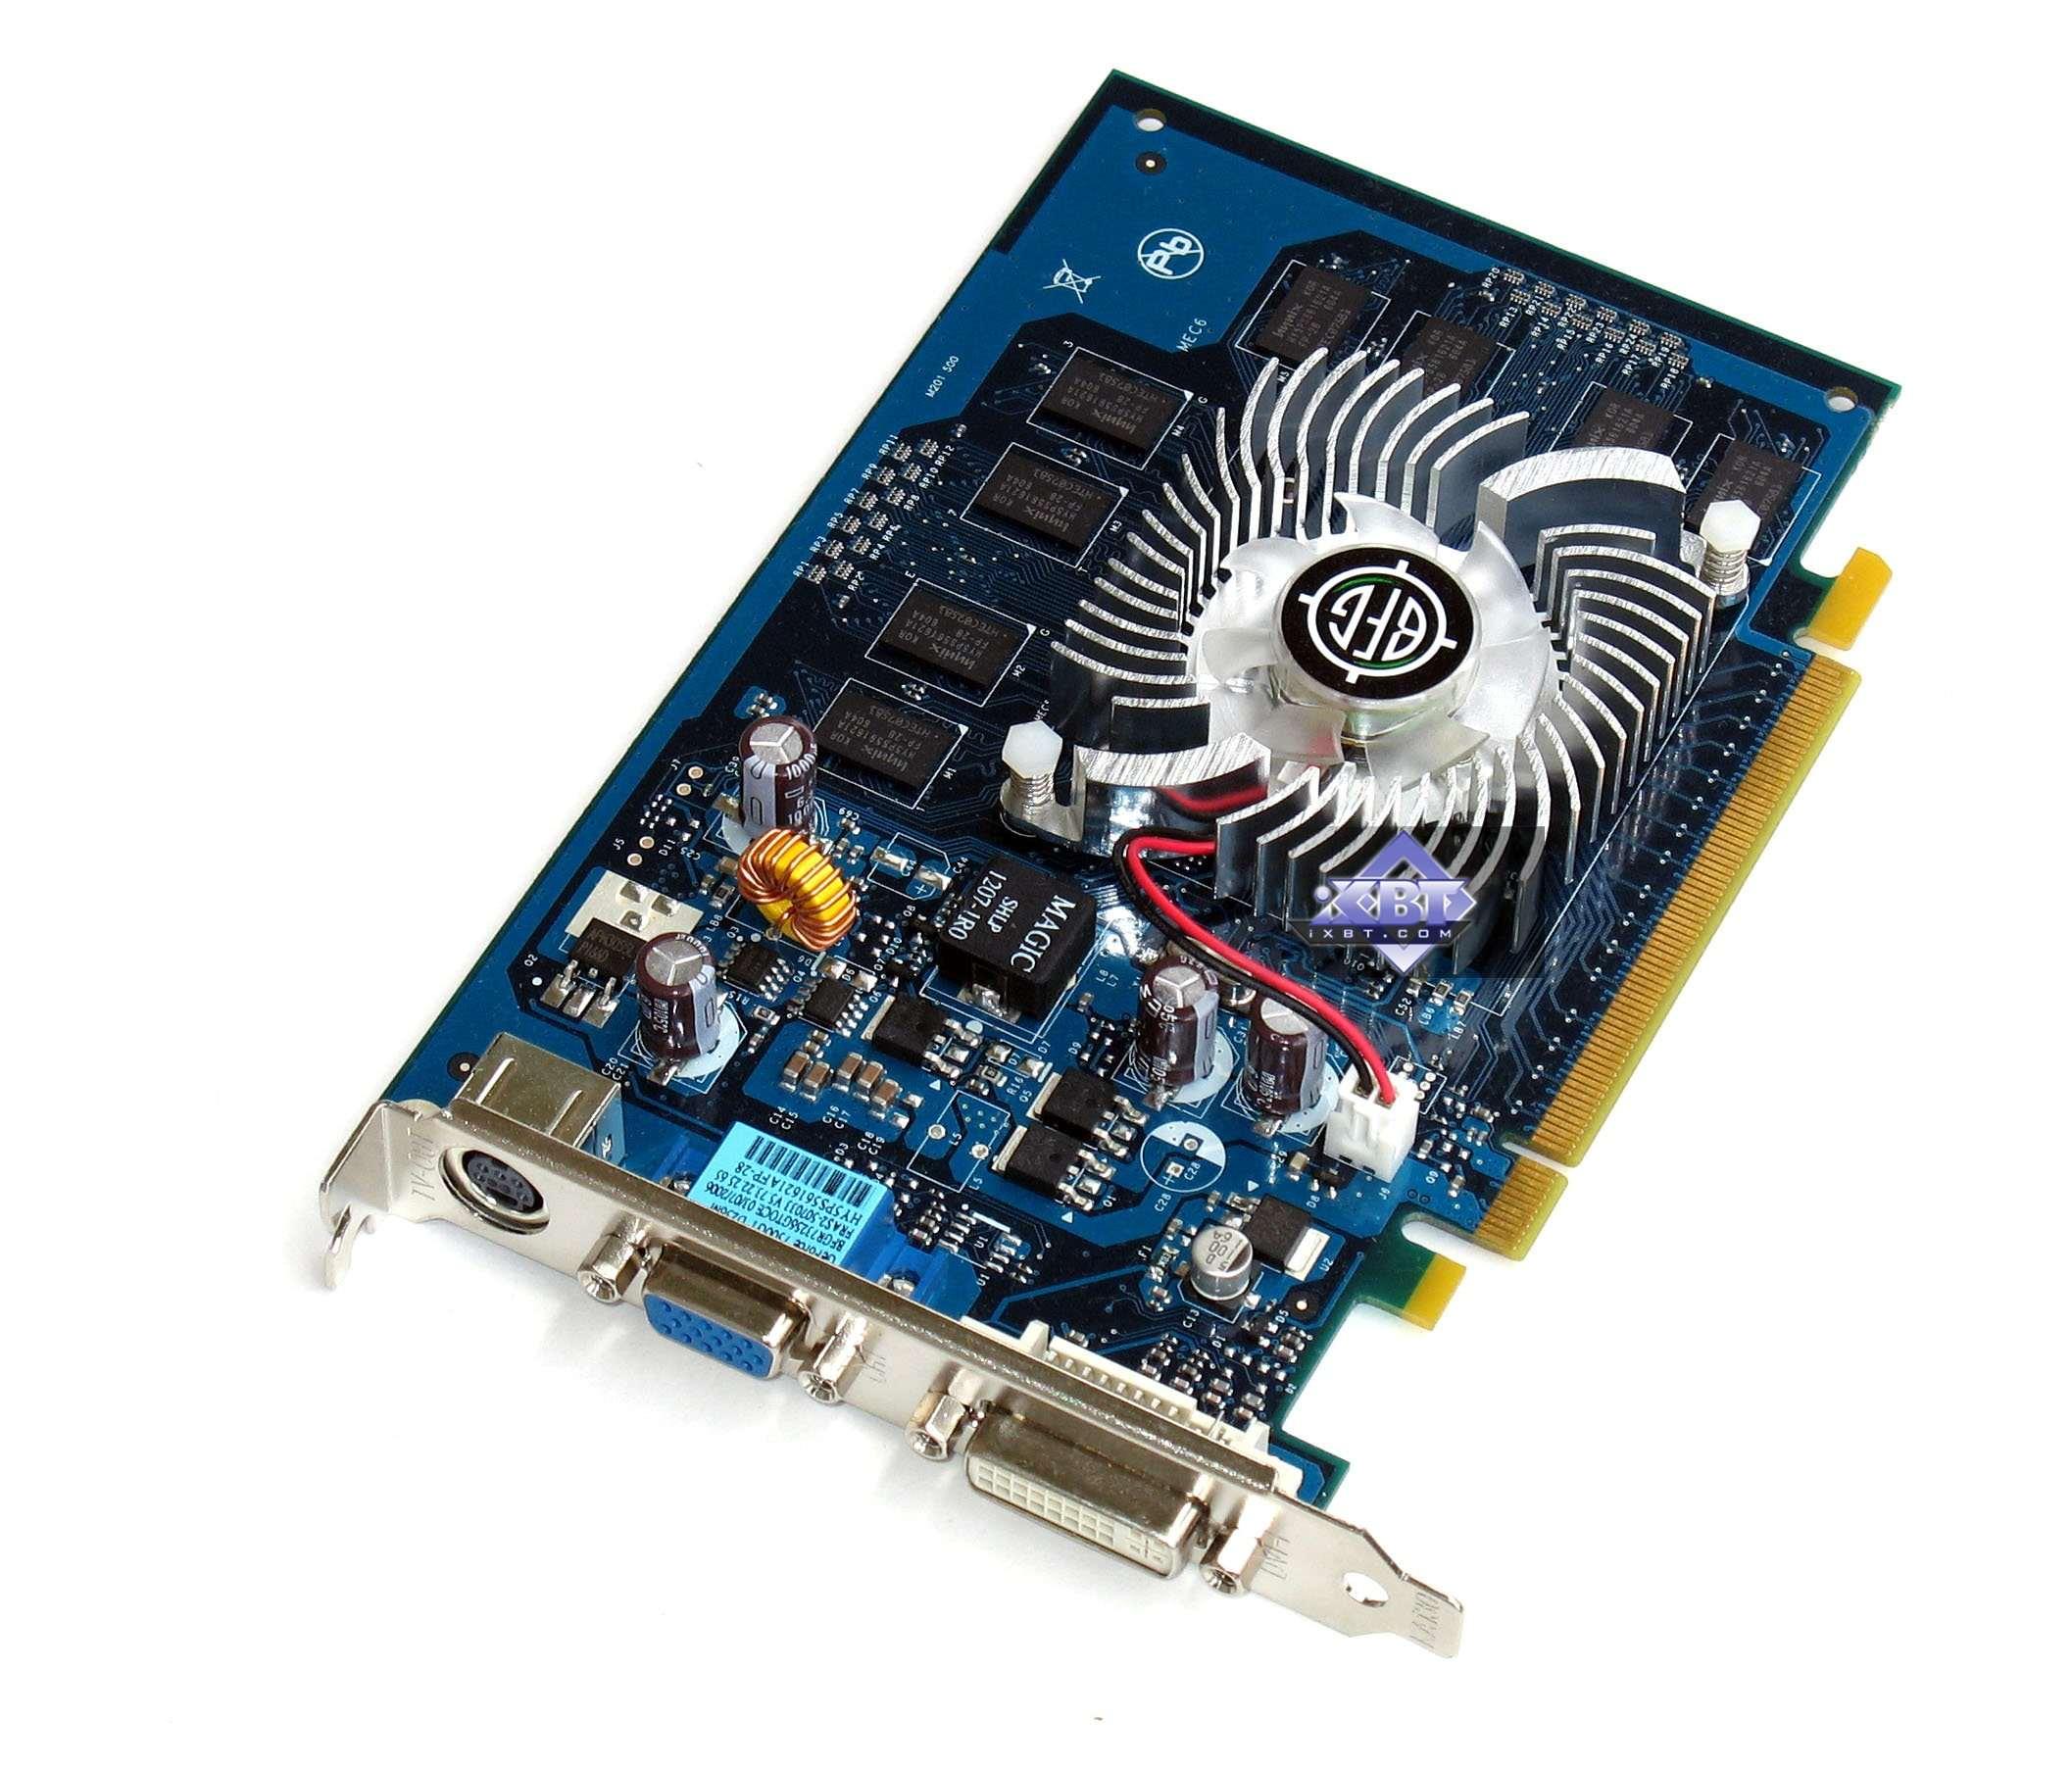 Скачать драйвер nvidia geforce 7300 gt agp